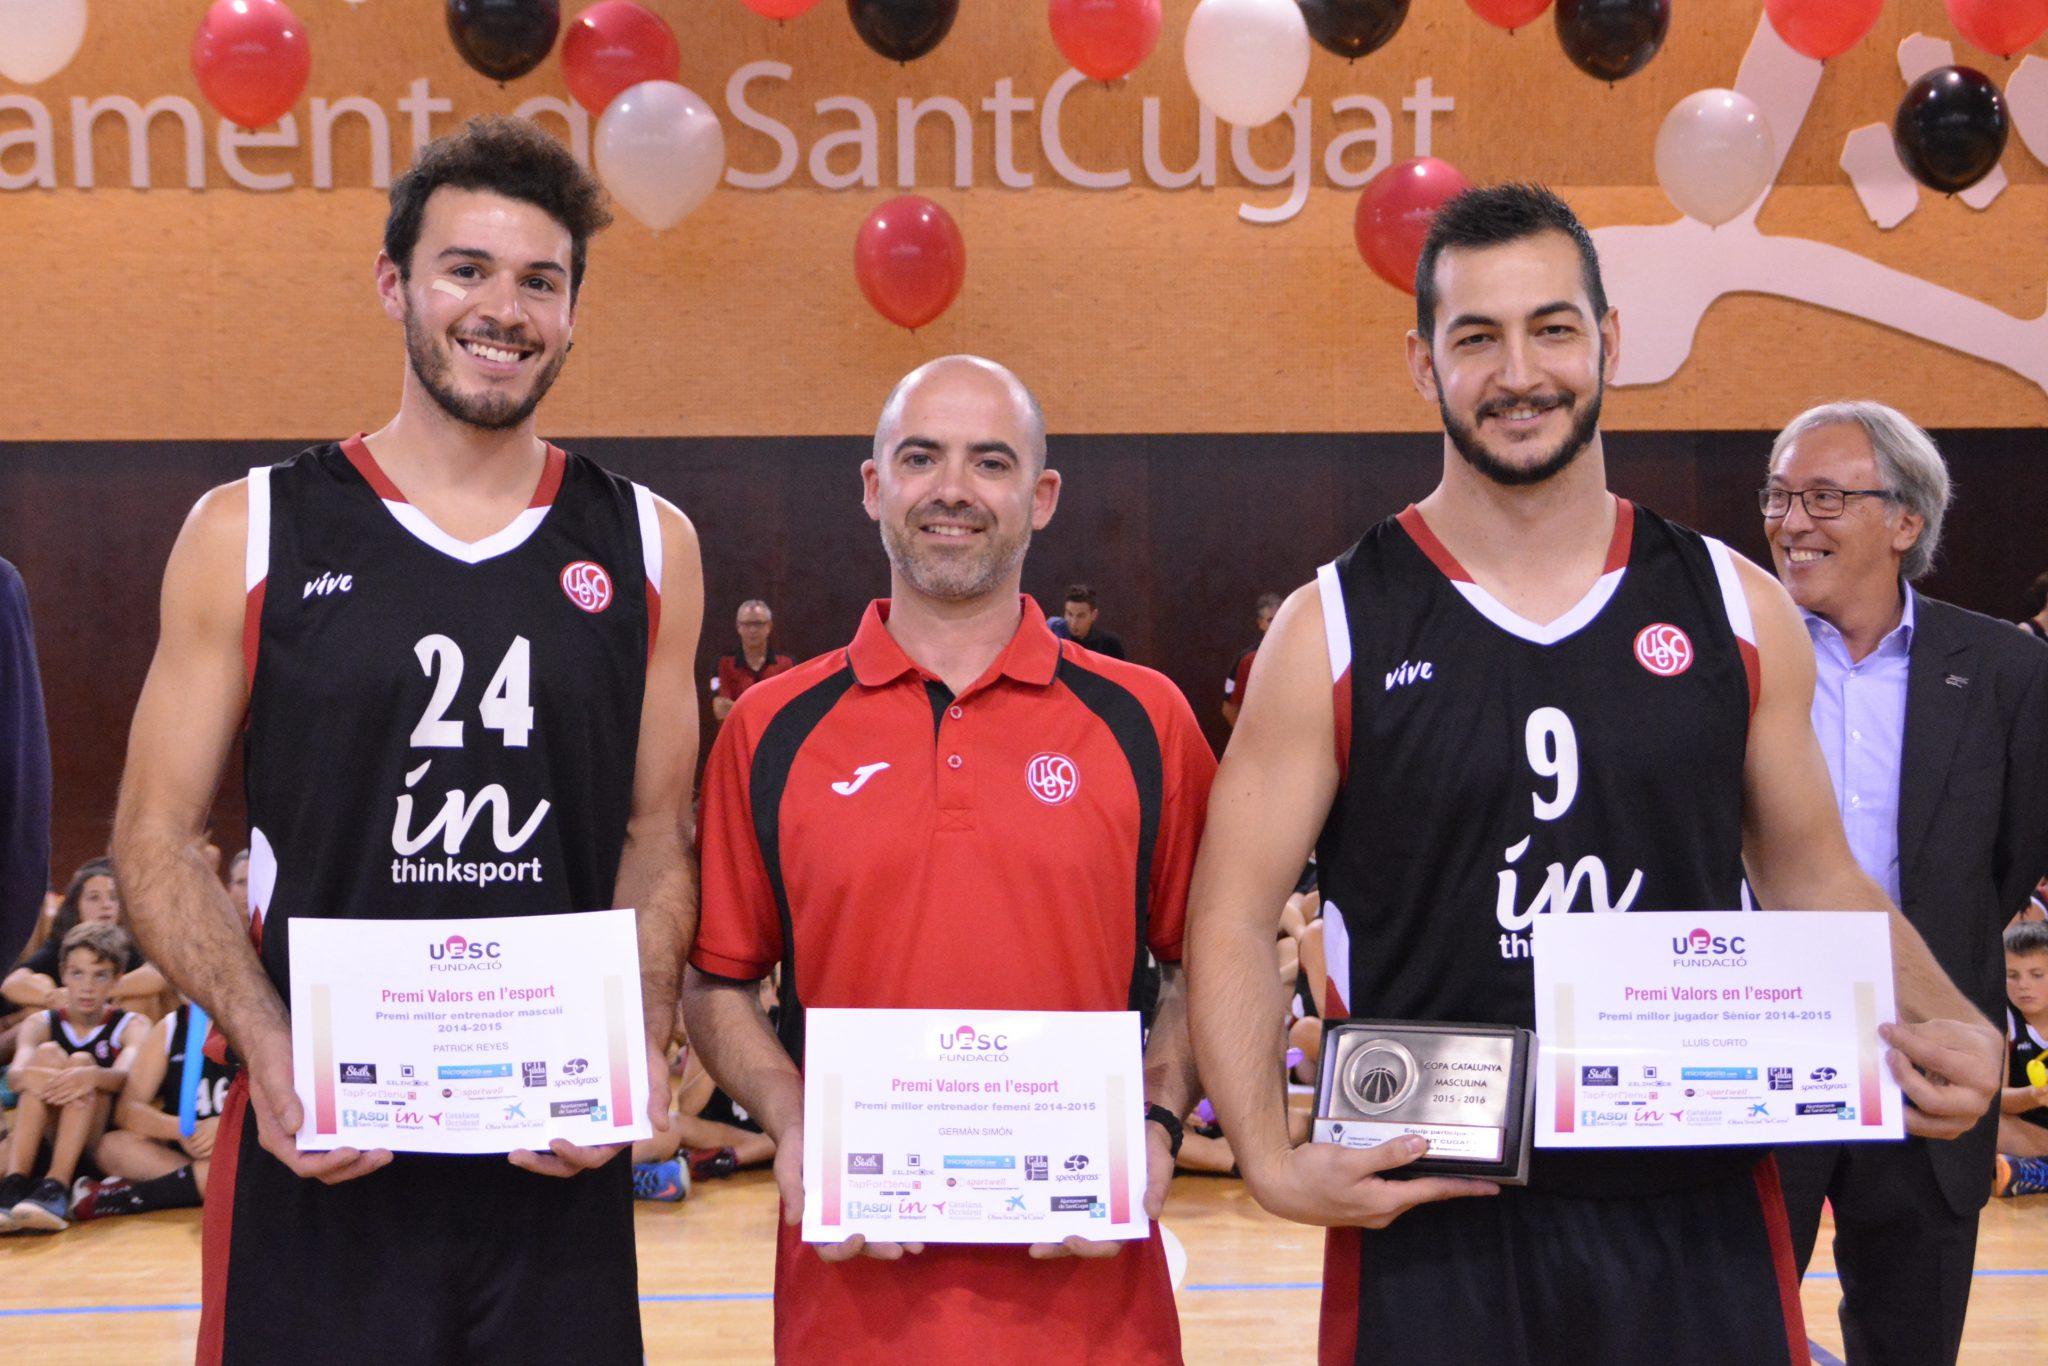 Presentació temporada UESC 2015-2016.1